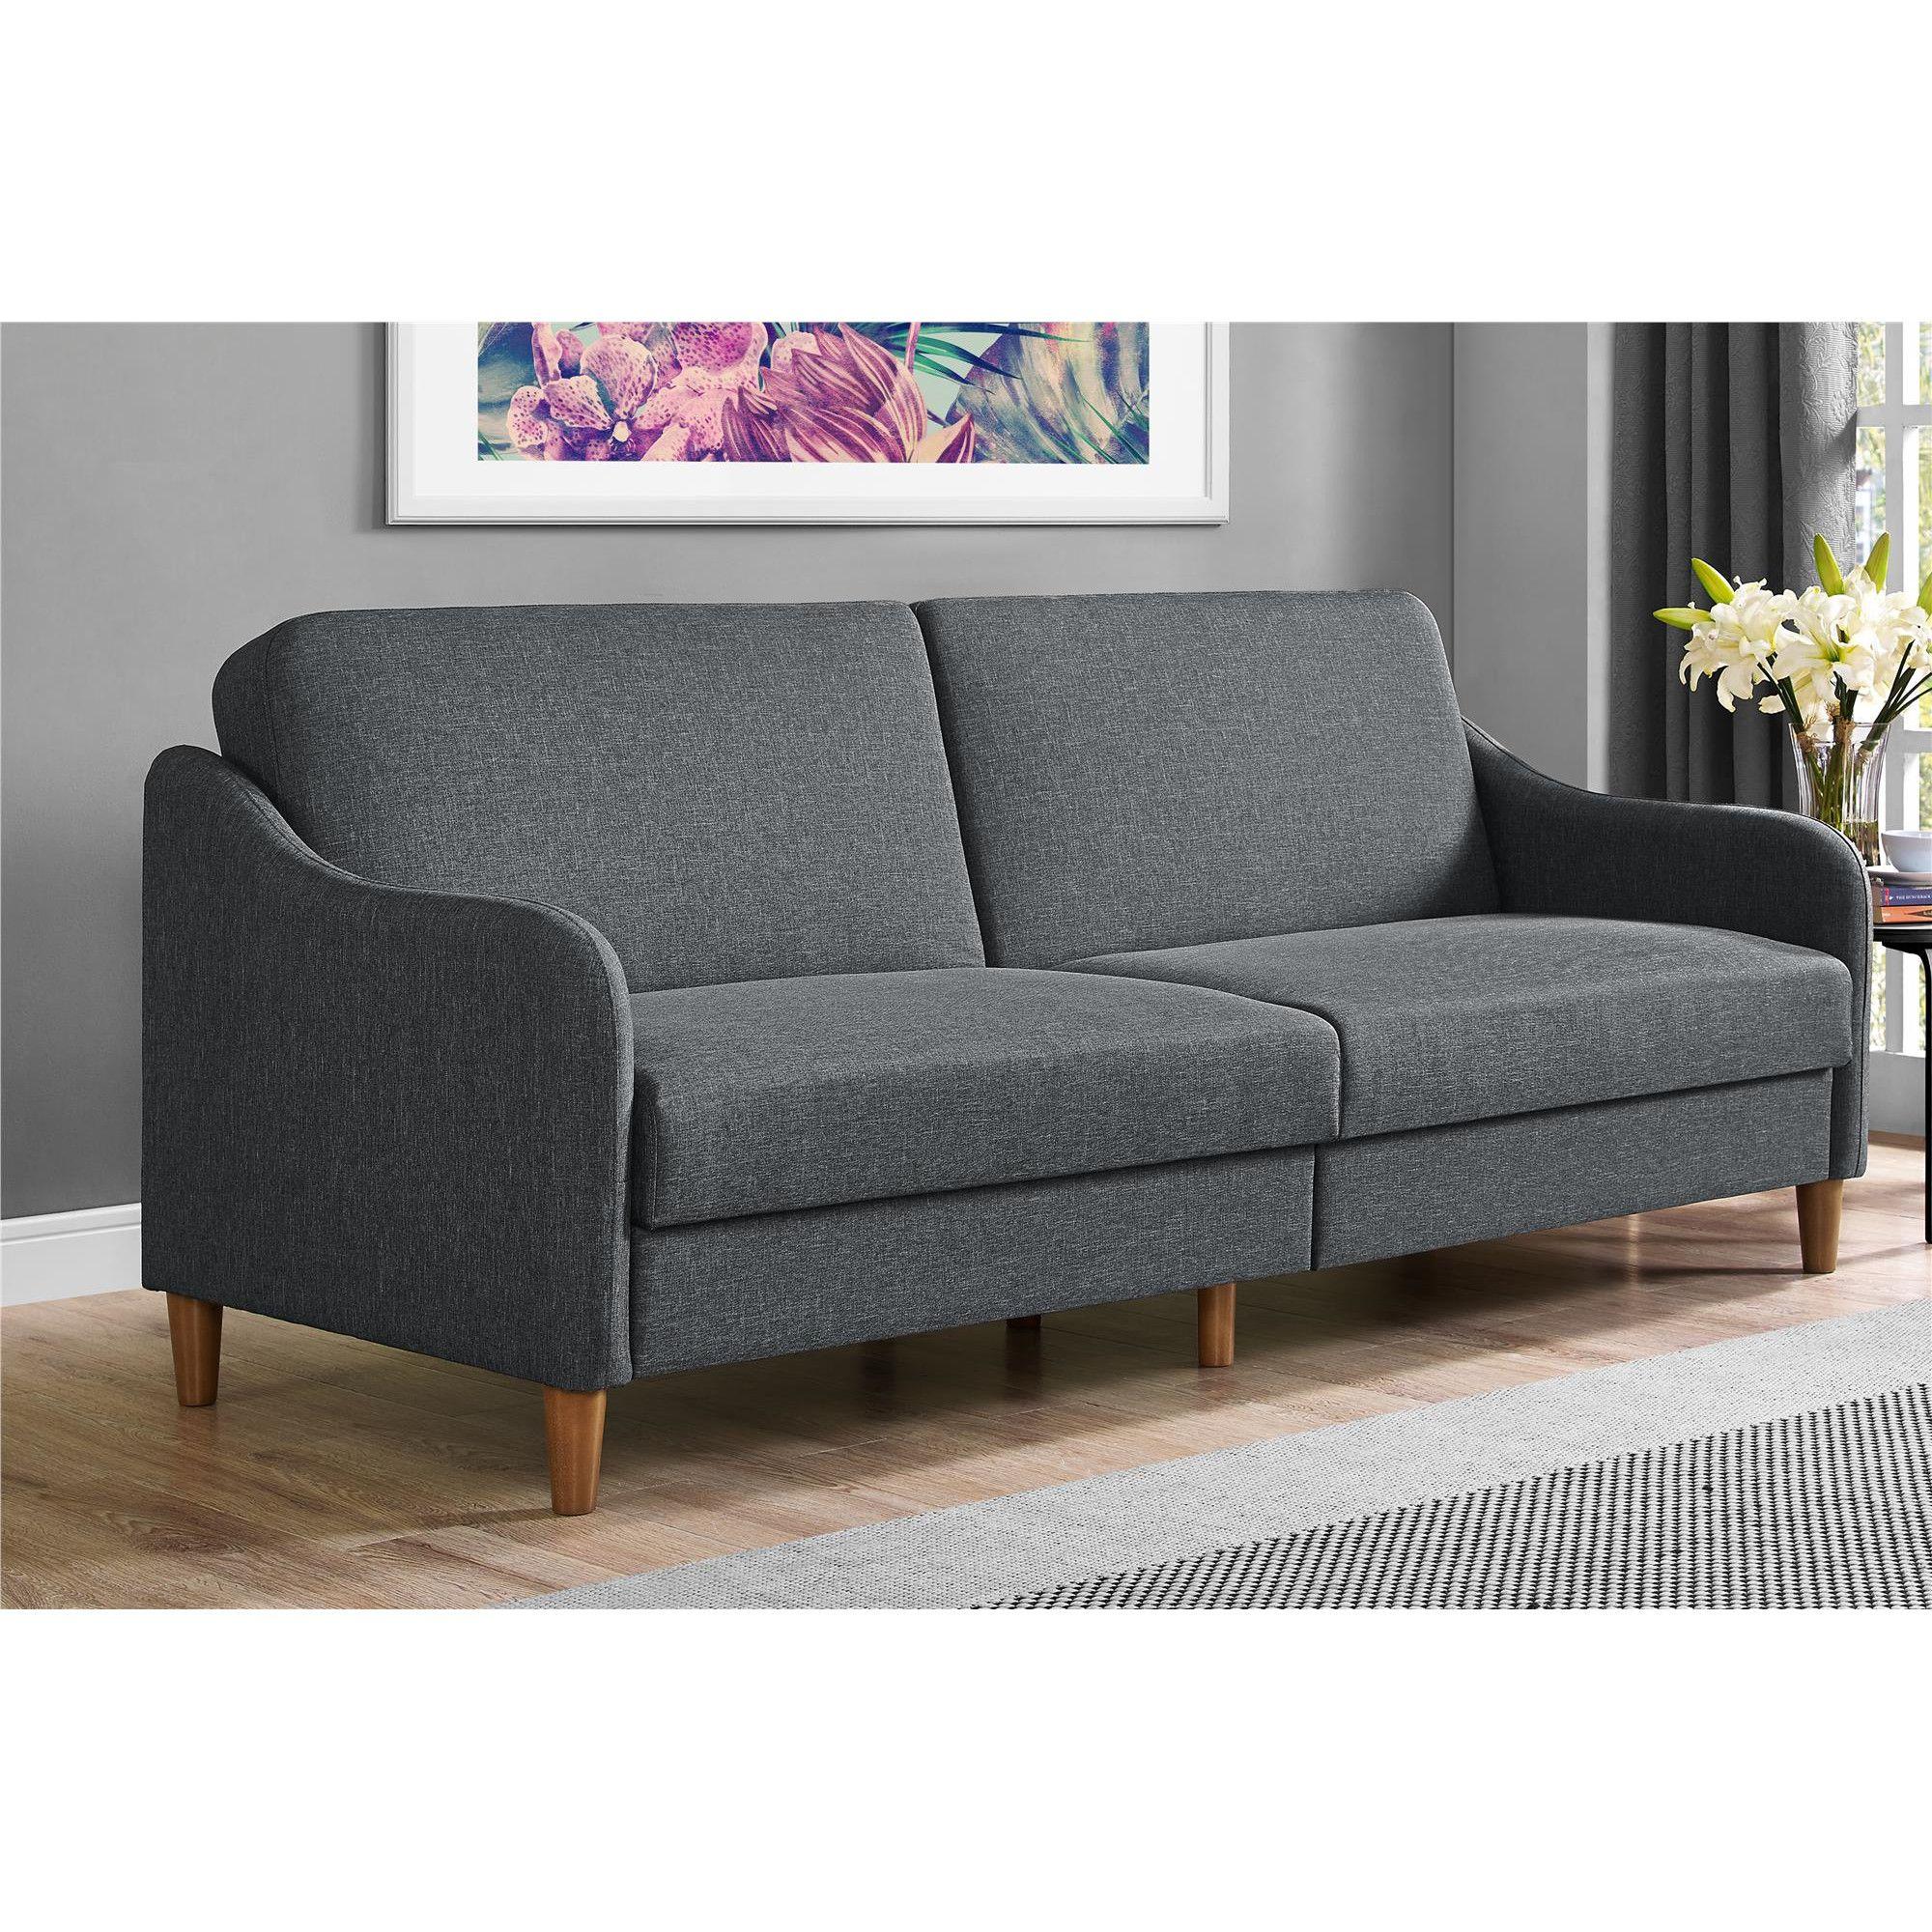 Remy Sleeper Sofa Reviews | Joss & Main